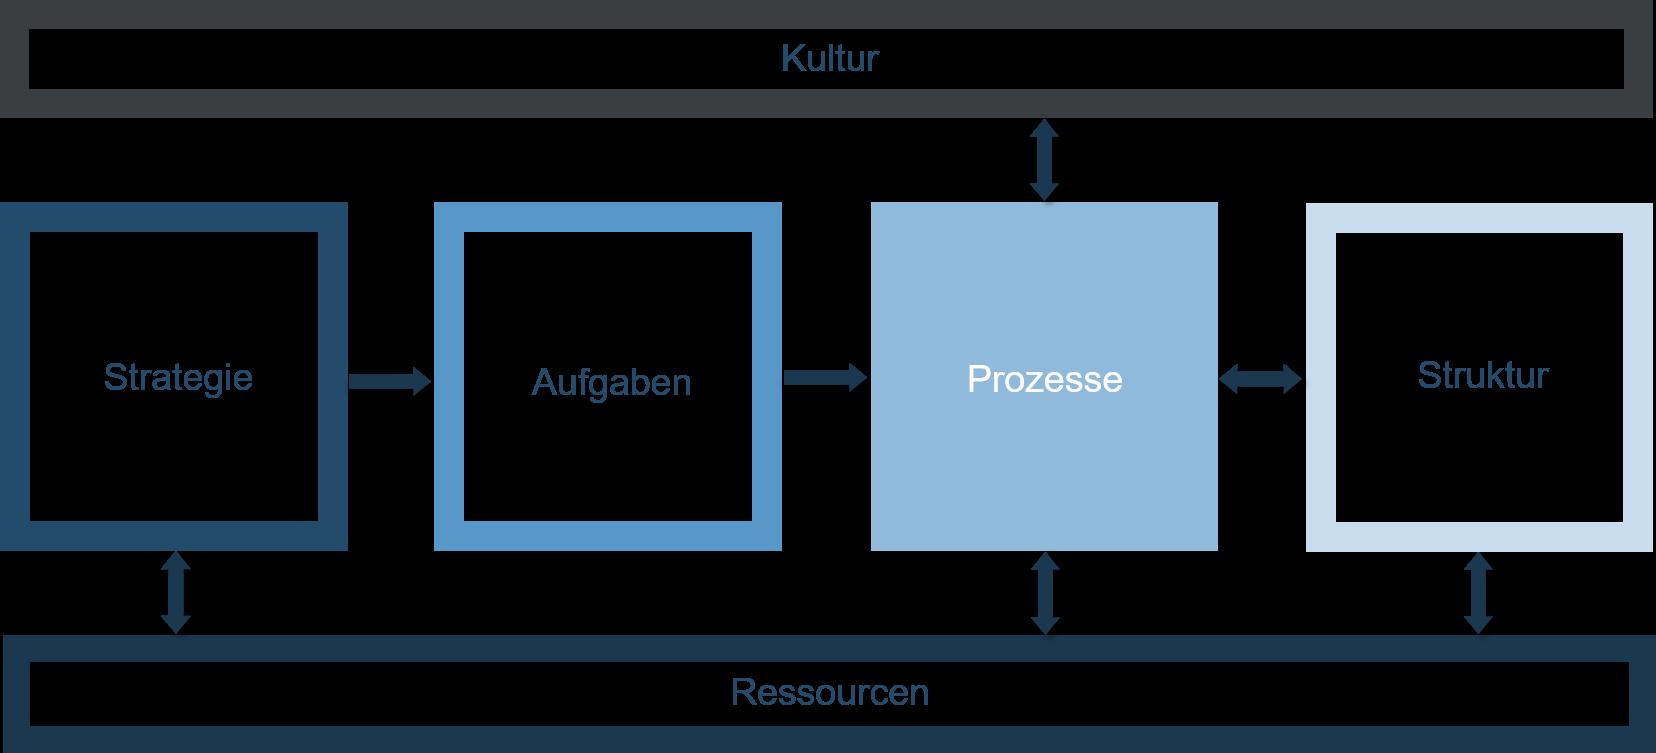 Organisationsentwicklung - Schaubild - Prozesse